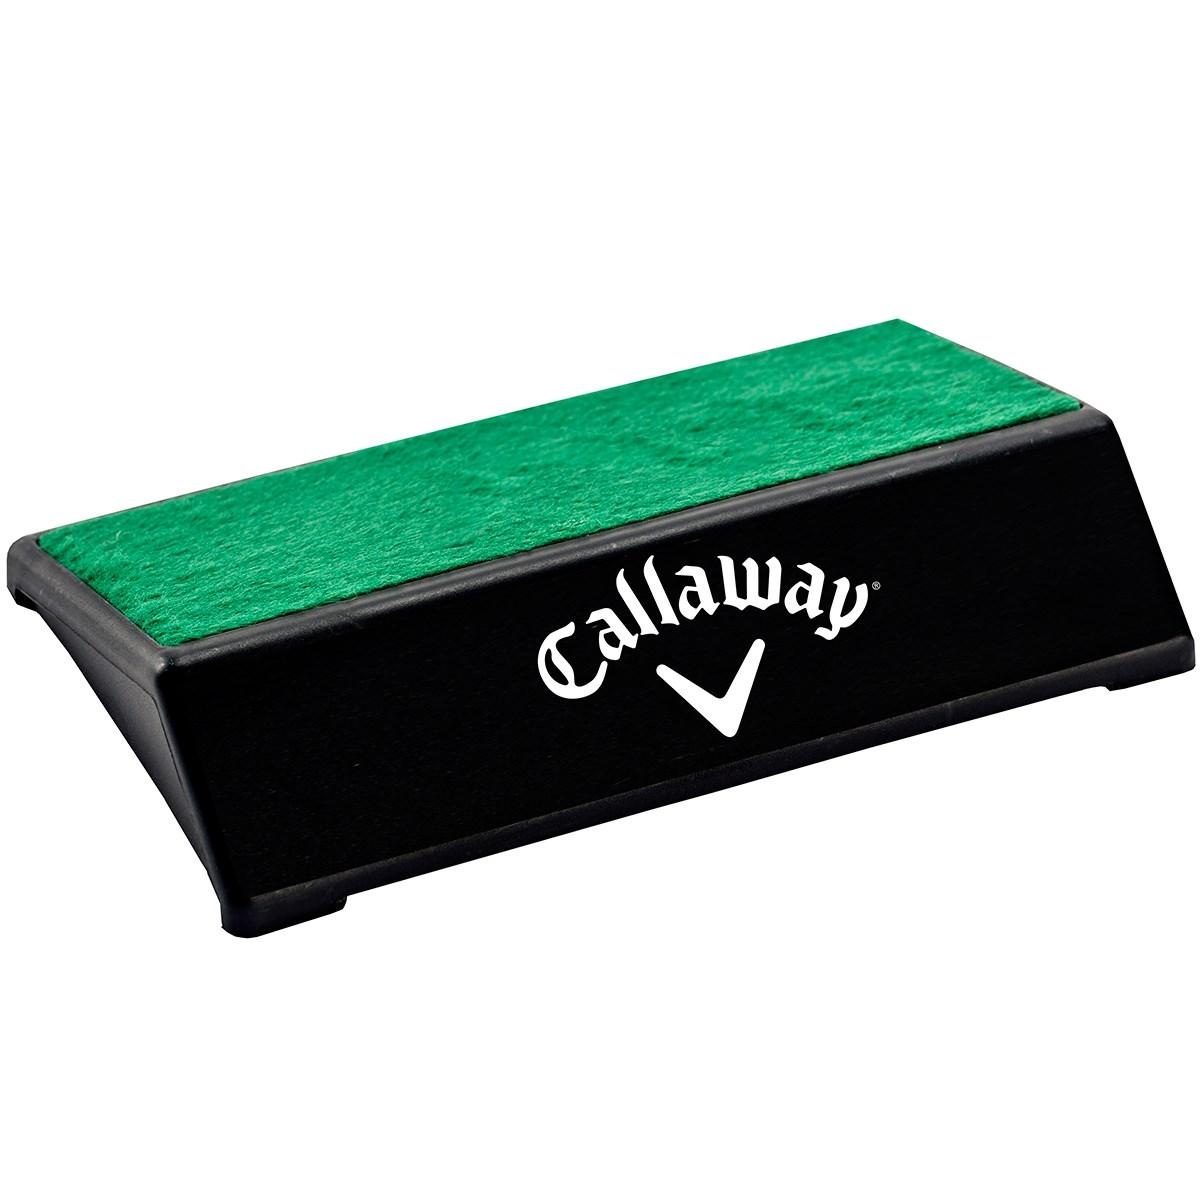 キャロウェイゴルフ(Callaway Golf) パワープラットフォーム